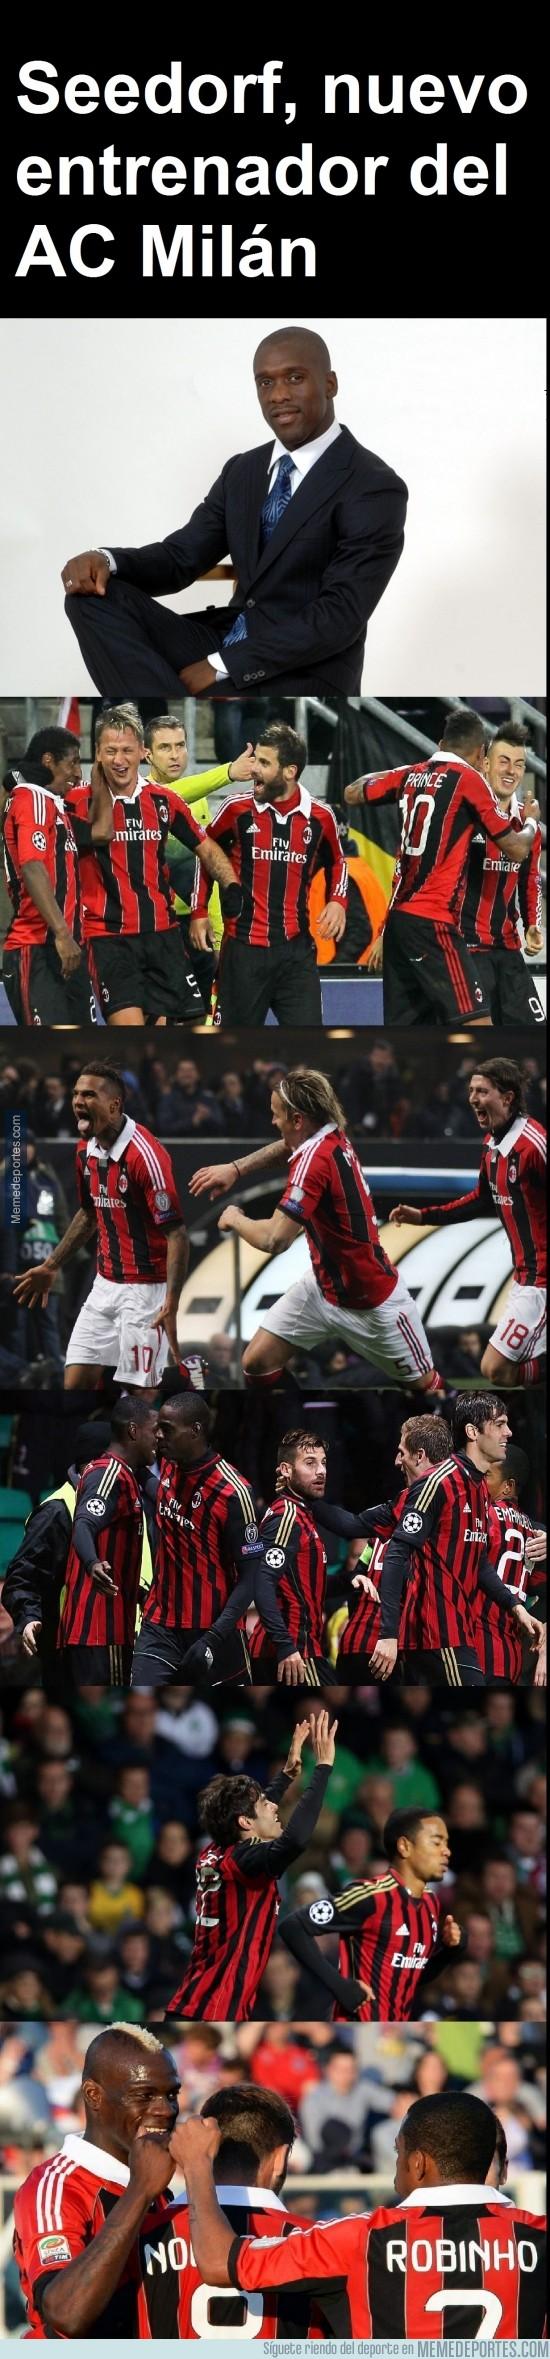 246926 - Seedorf se retira y será el nuevo entrenador del AC Milán.